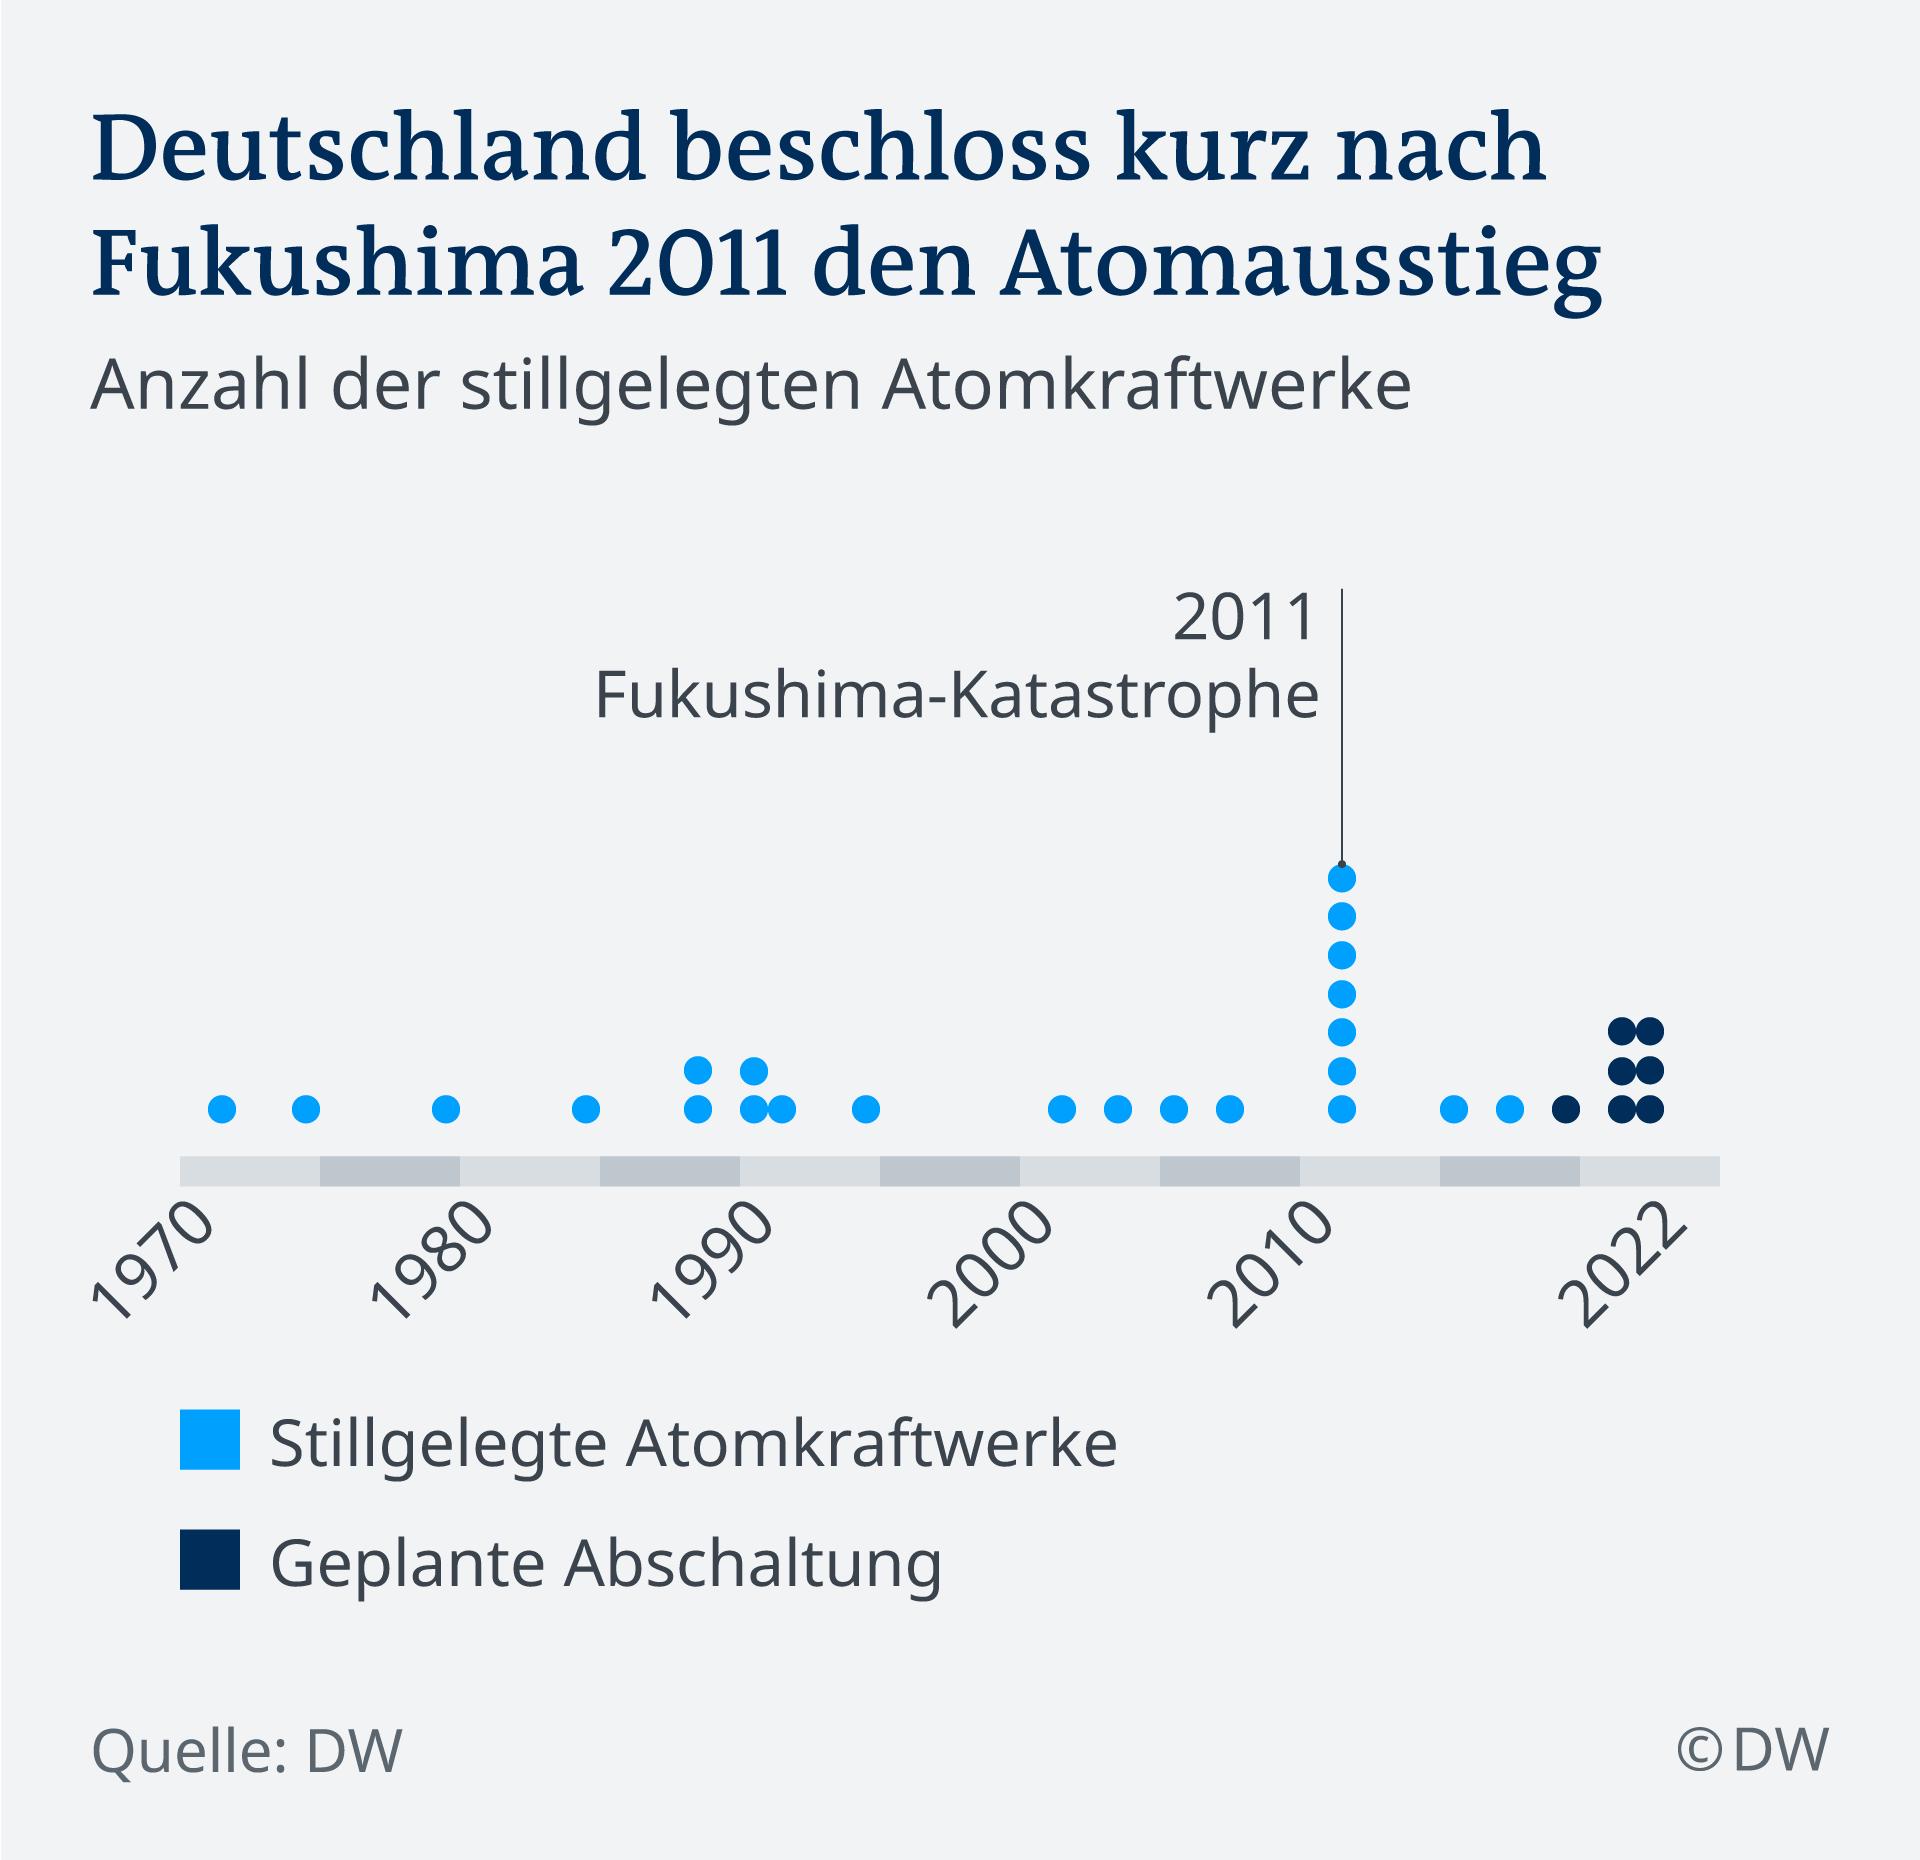 Infografik, Deutschland beschloss kurz nach Fukushima 2011 den Atomausstieg